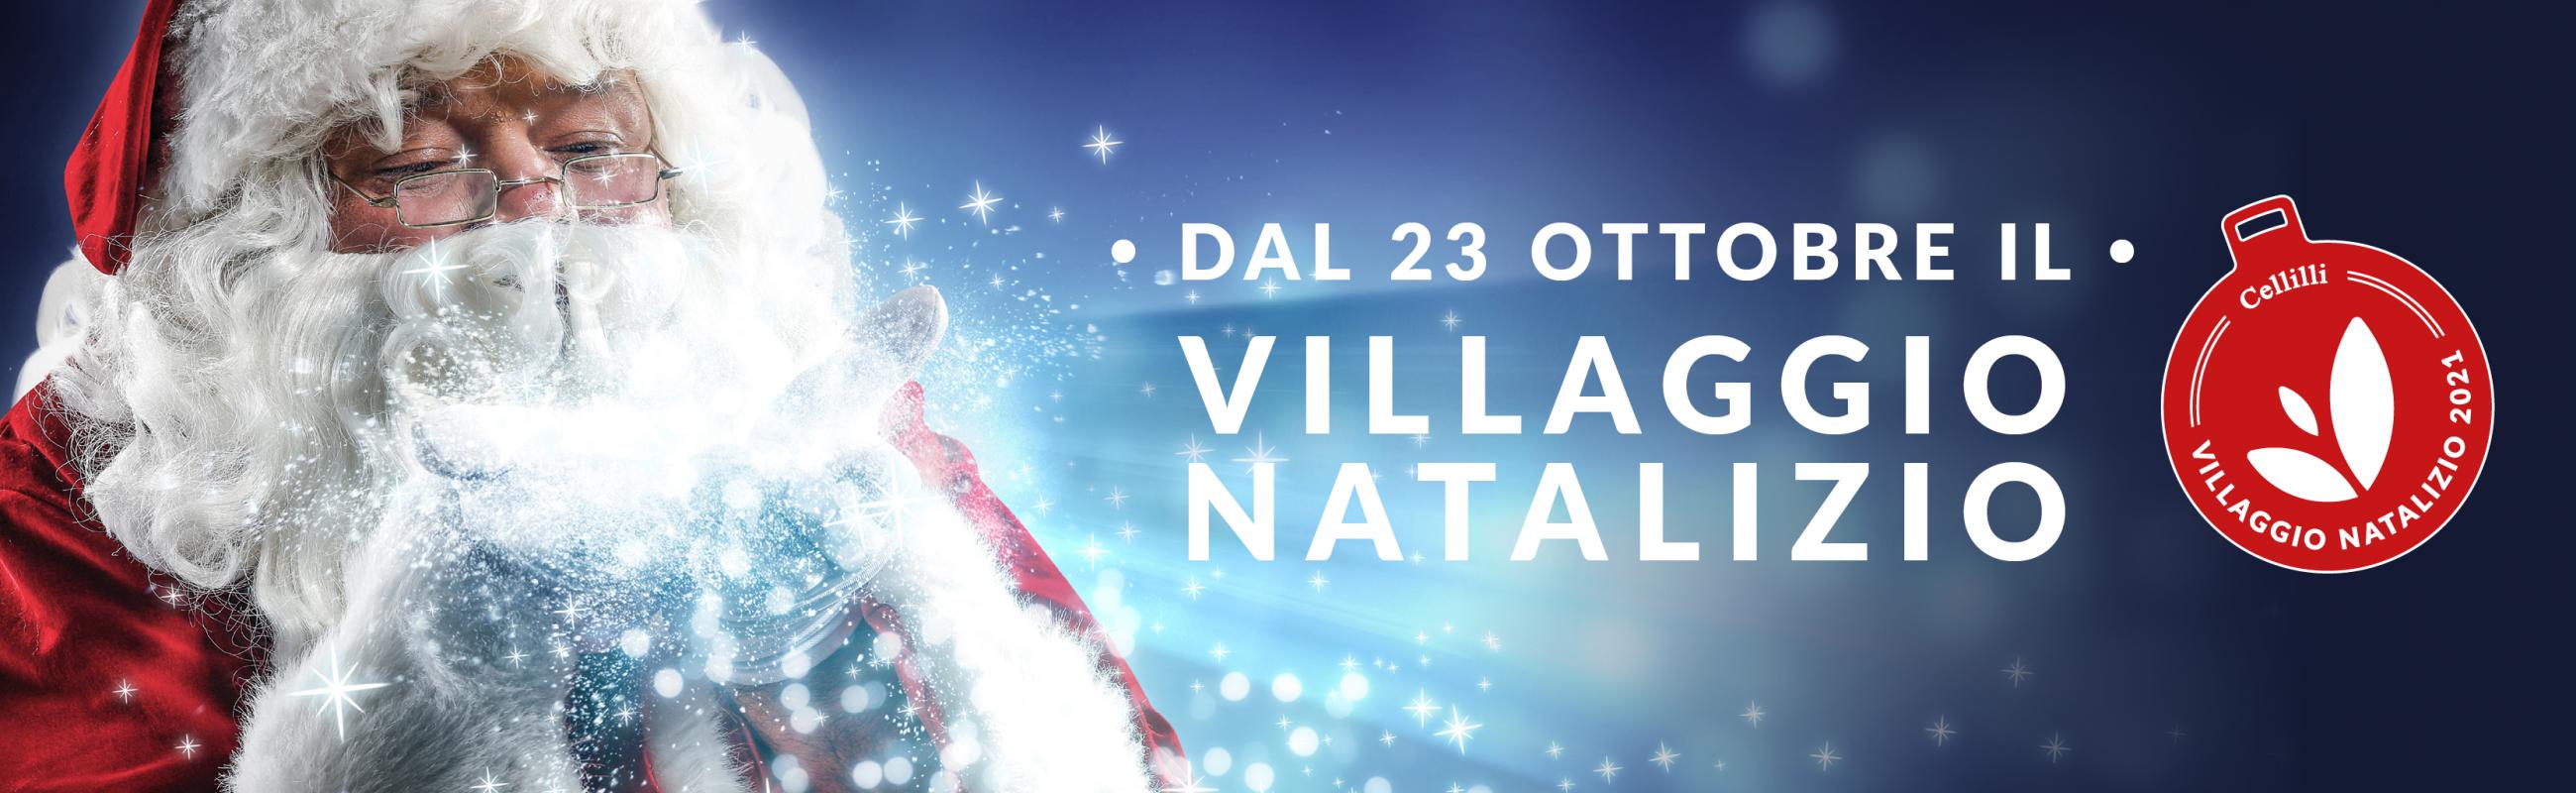 Villaggio natalizio 2021